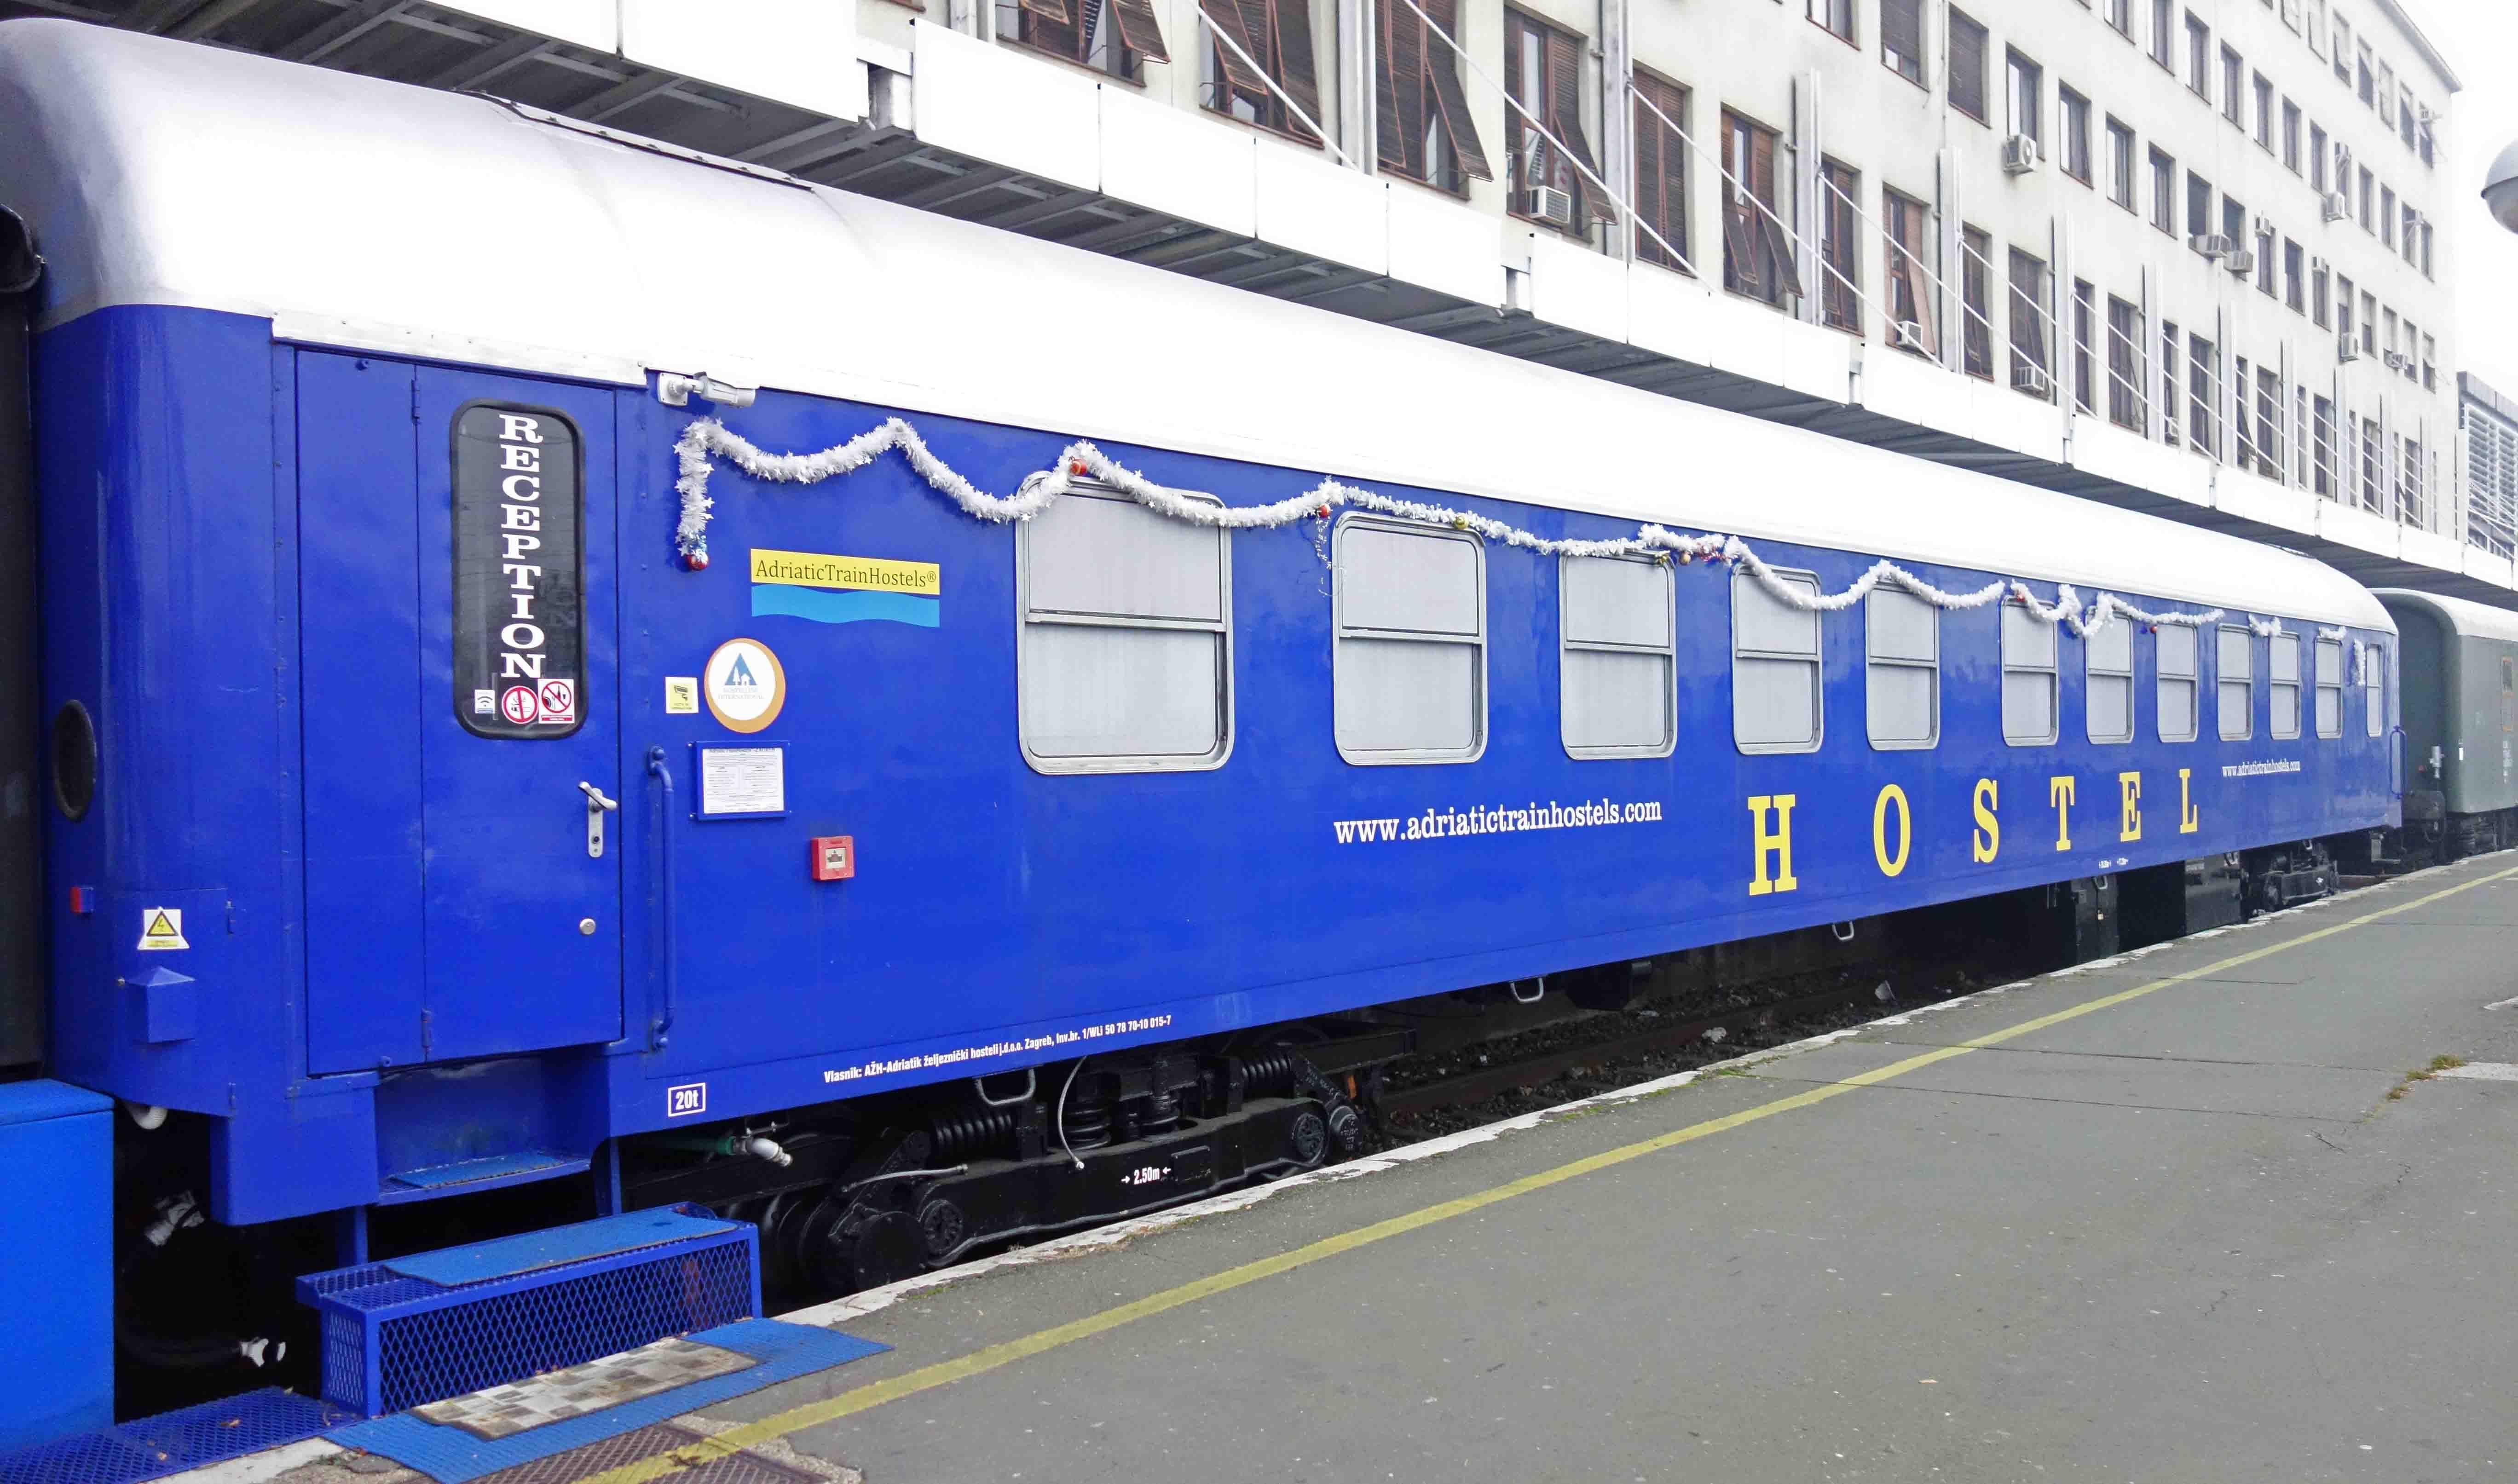 Adriatictrainhostels Zagreb Ubernachten Im Eisenbahn Waggon Zagreb Waggons Hauptbahnhof